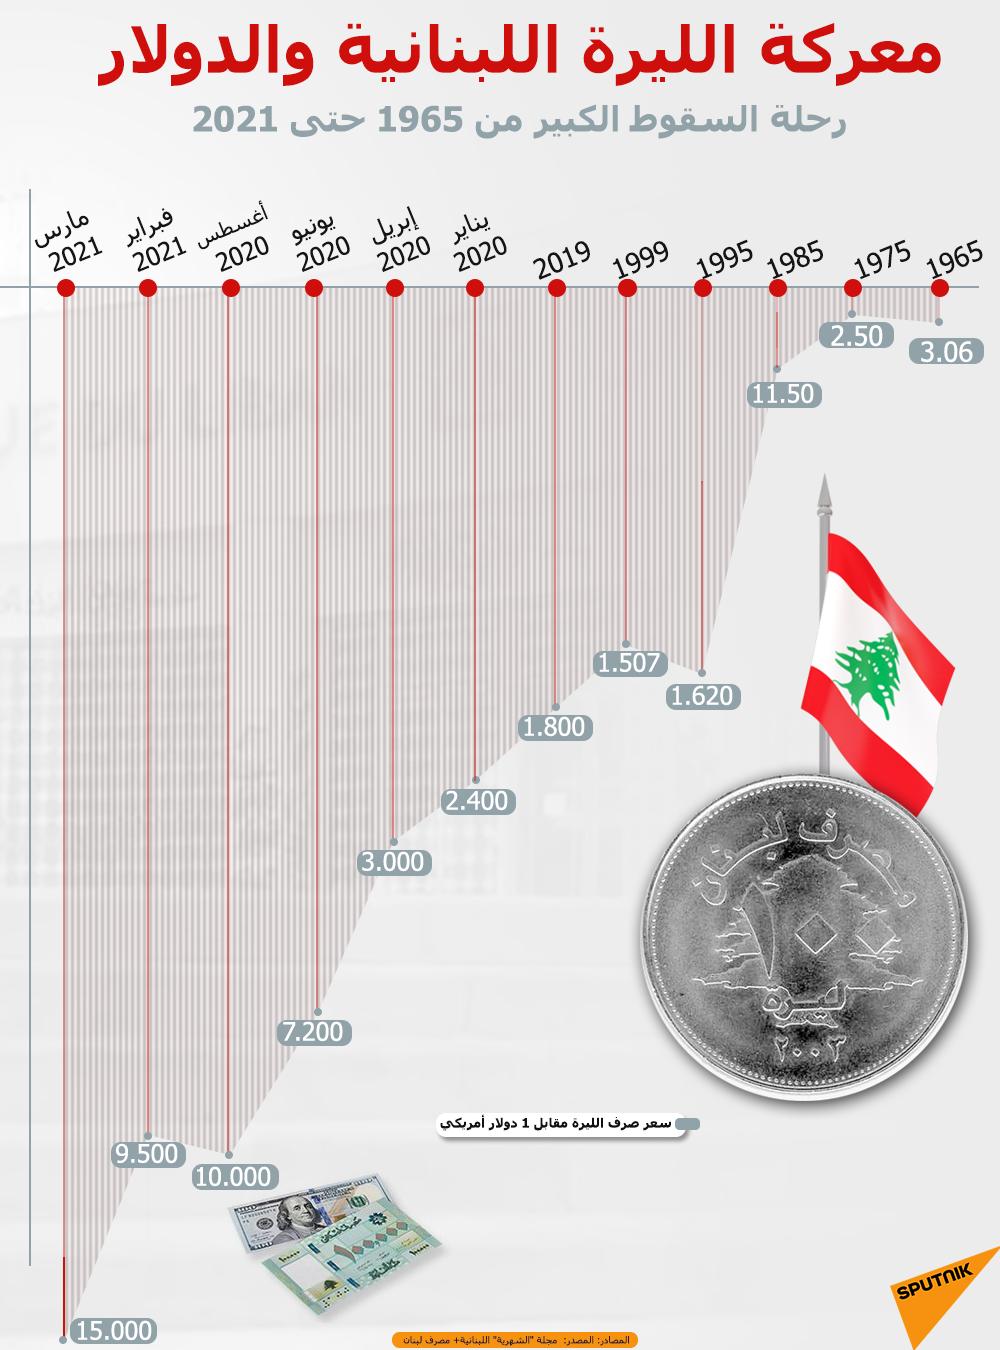 إنفوجرافيك... معركة الليرة اللبنانية والدولار... رحلة السقوط الكبير من 1965 حتى 2021